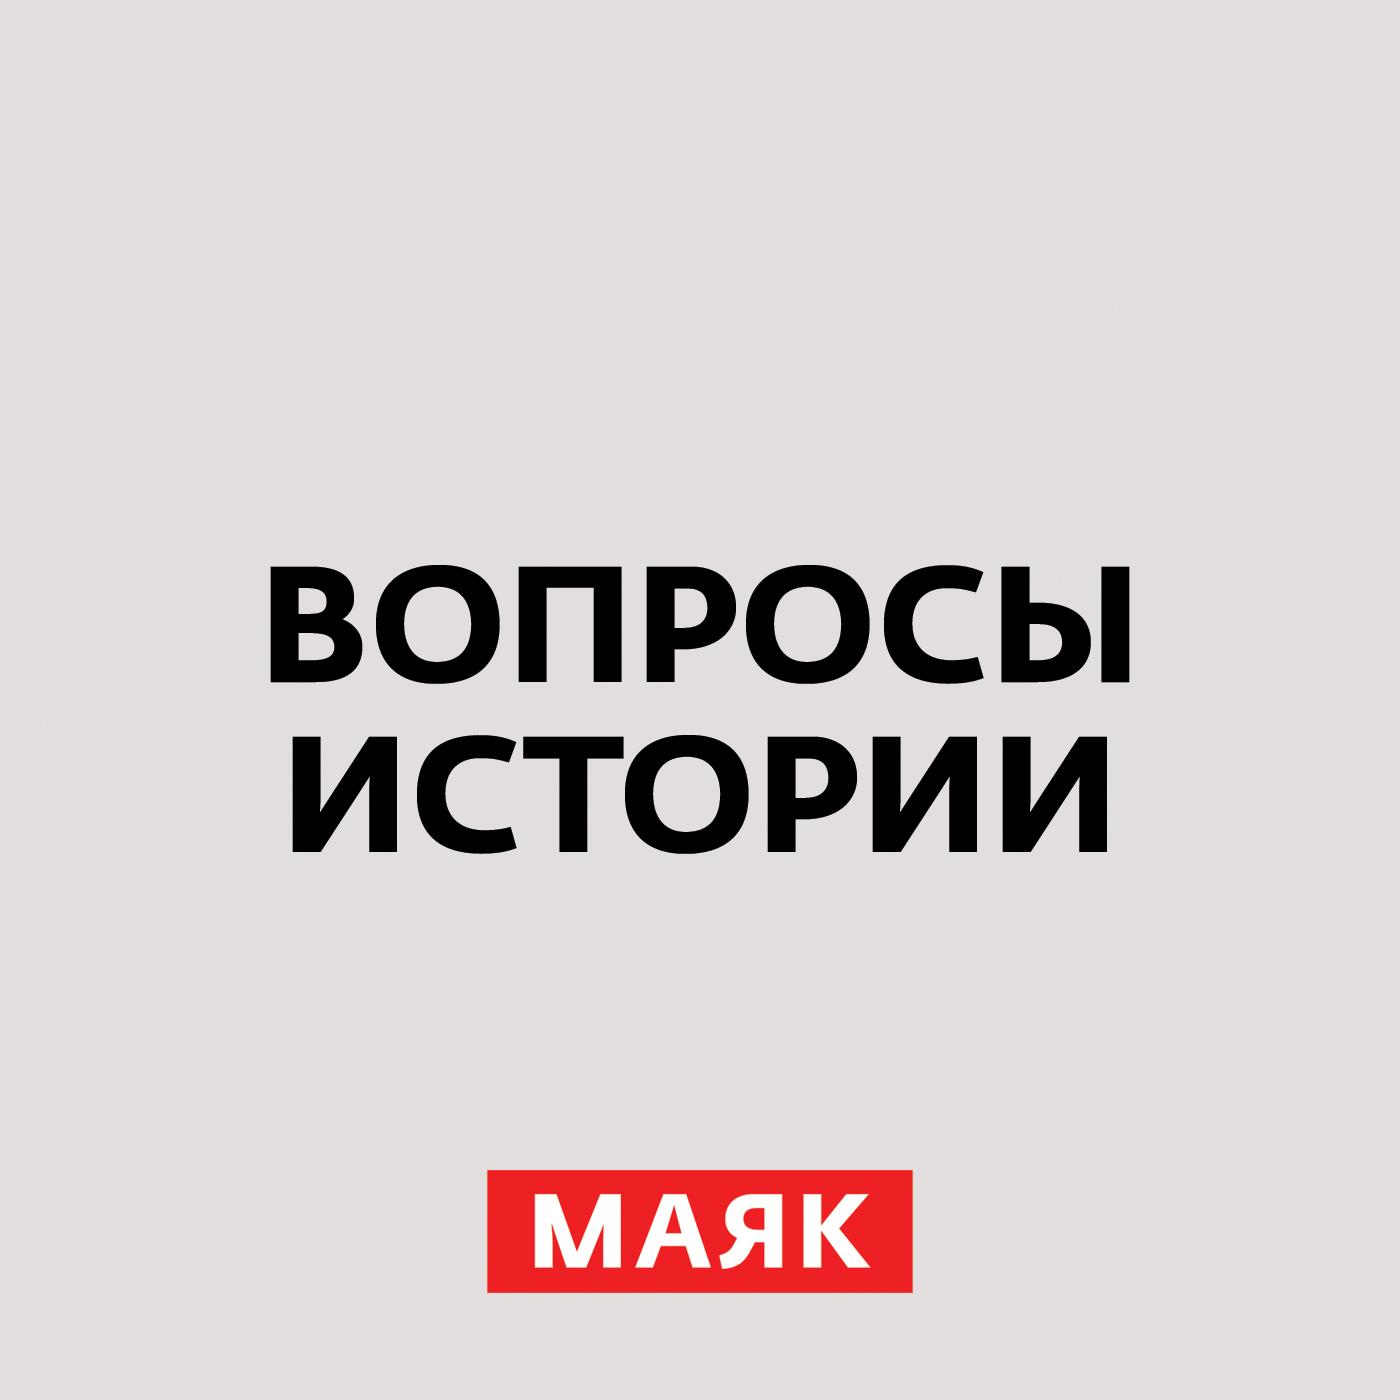 Андрей Светенко Речь Сталина 3 июля: почему каждый абзац вызывает недовольство. Часть 2 андрей светенко речь сталина 3 июля почему каждый абзац вызывает недовольство часть 3